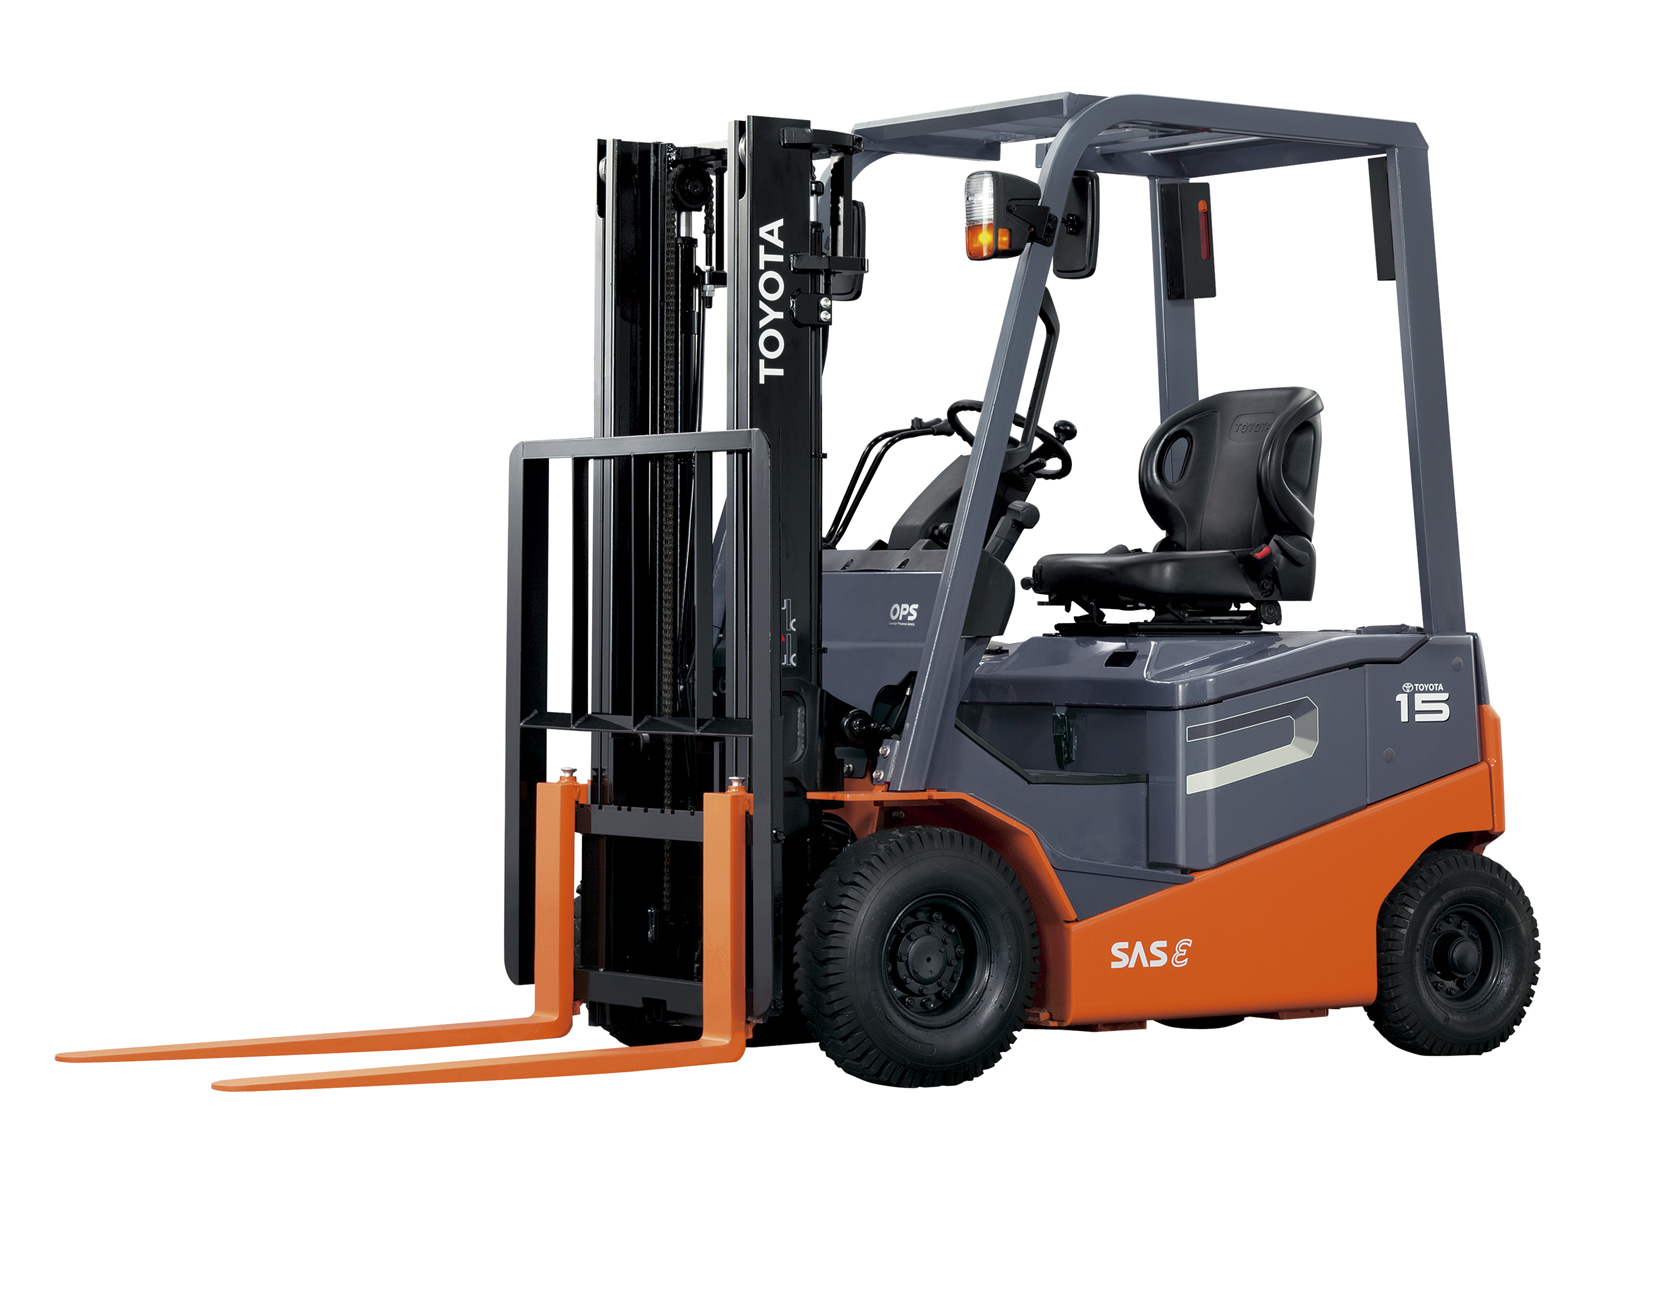 Kinh nghiệm khi lựa chọn mua xe nâng đã qua sử dụng, động cơ chạy bằng dầu diesel